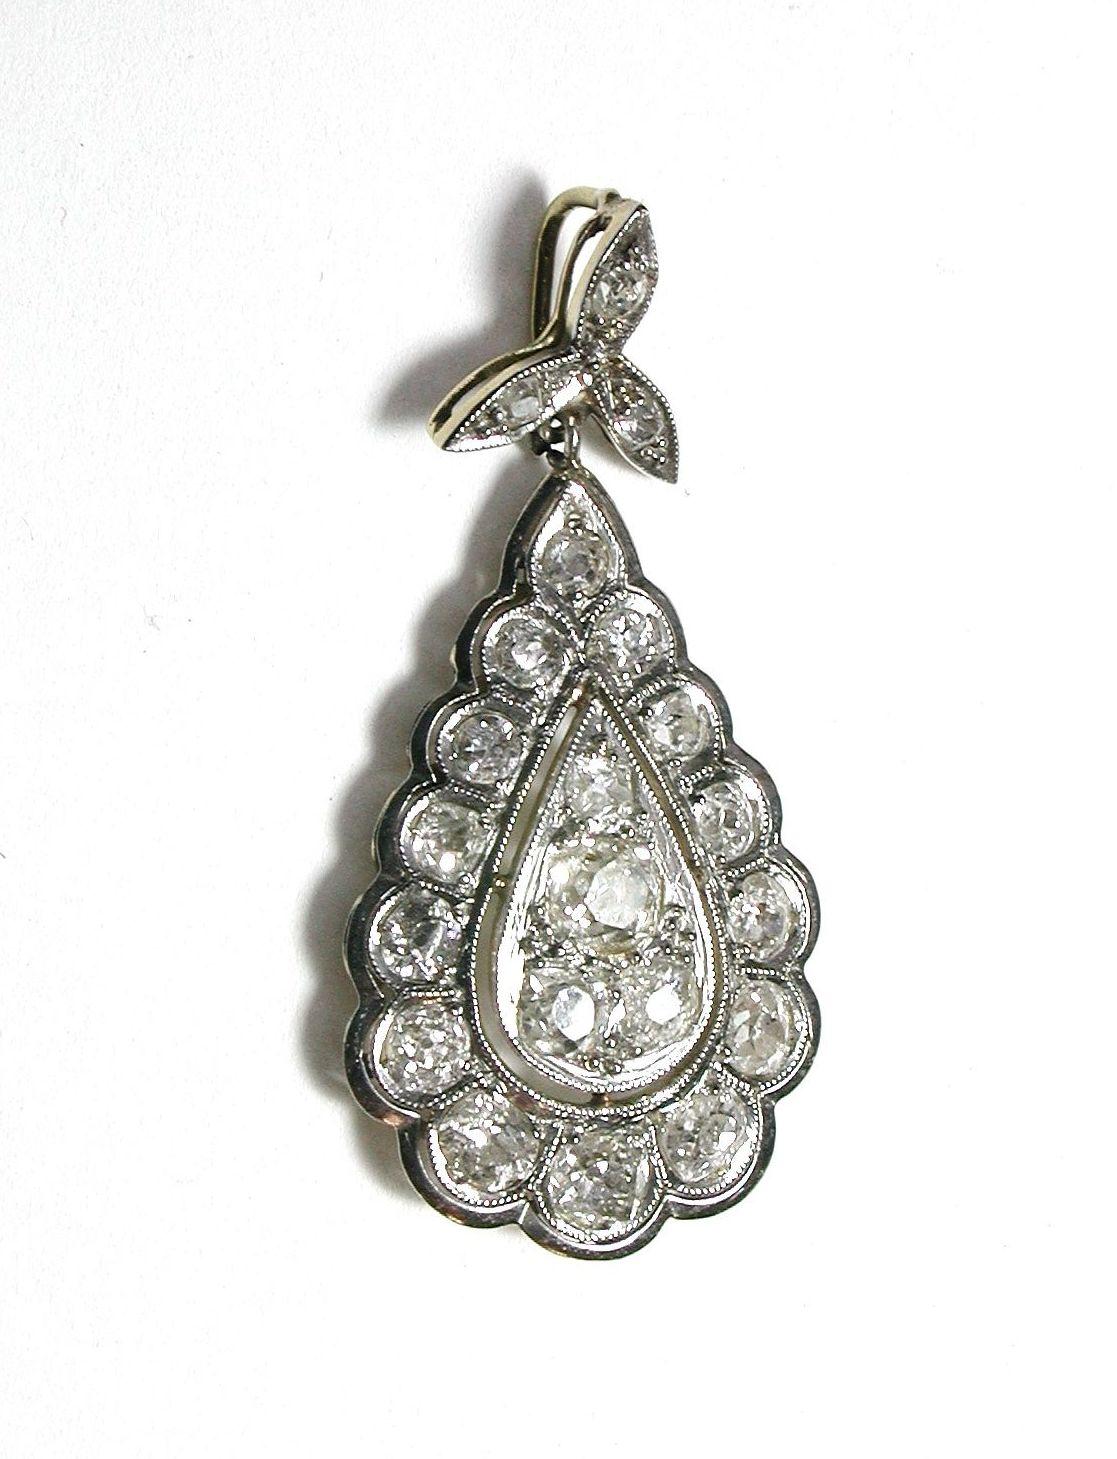 Colgante de oro de 18k con vistas en platino y diamantes talla rosa.1910-20: Catálogo de Antigua Joyeros